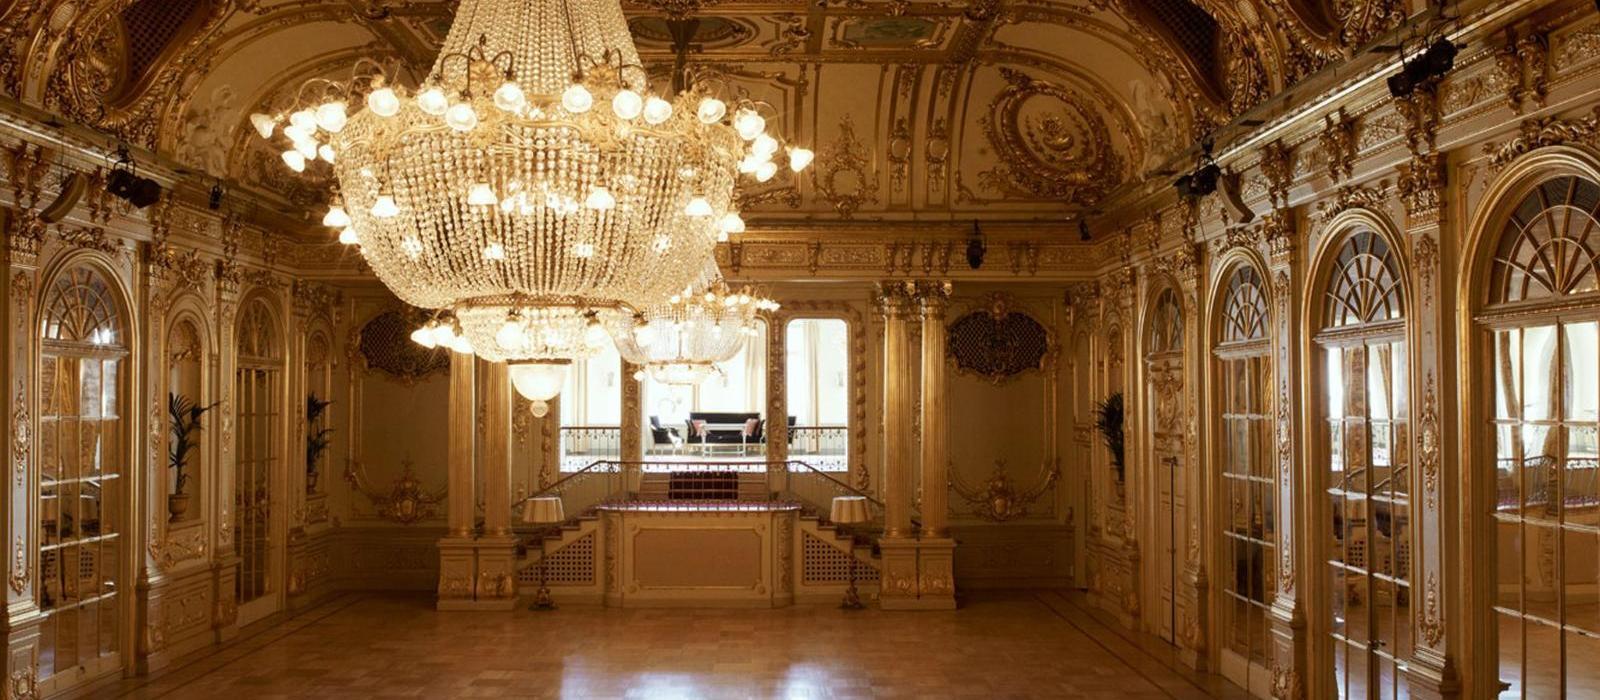 斯德哥尔摩大酒店(Grand Hotel Stockholm) Spegelsalen多功能厅图片  www.lhw.cn